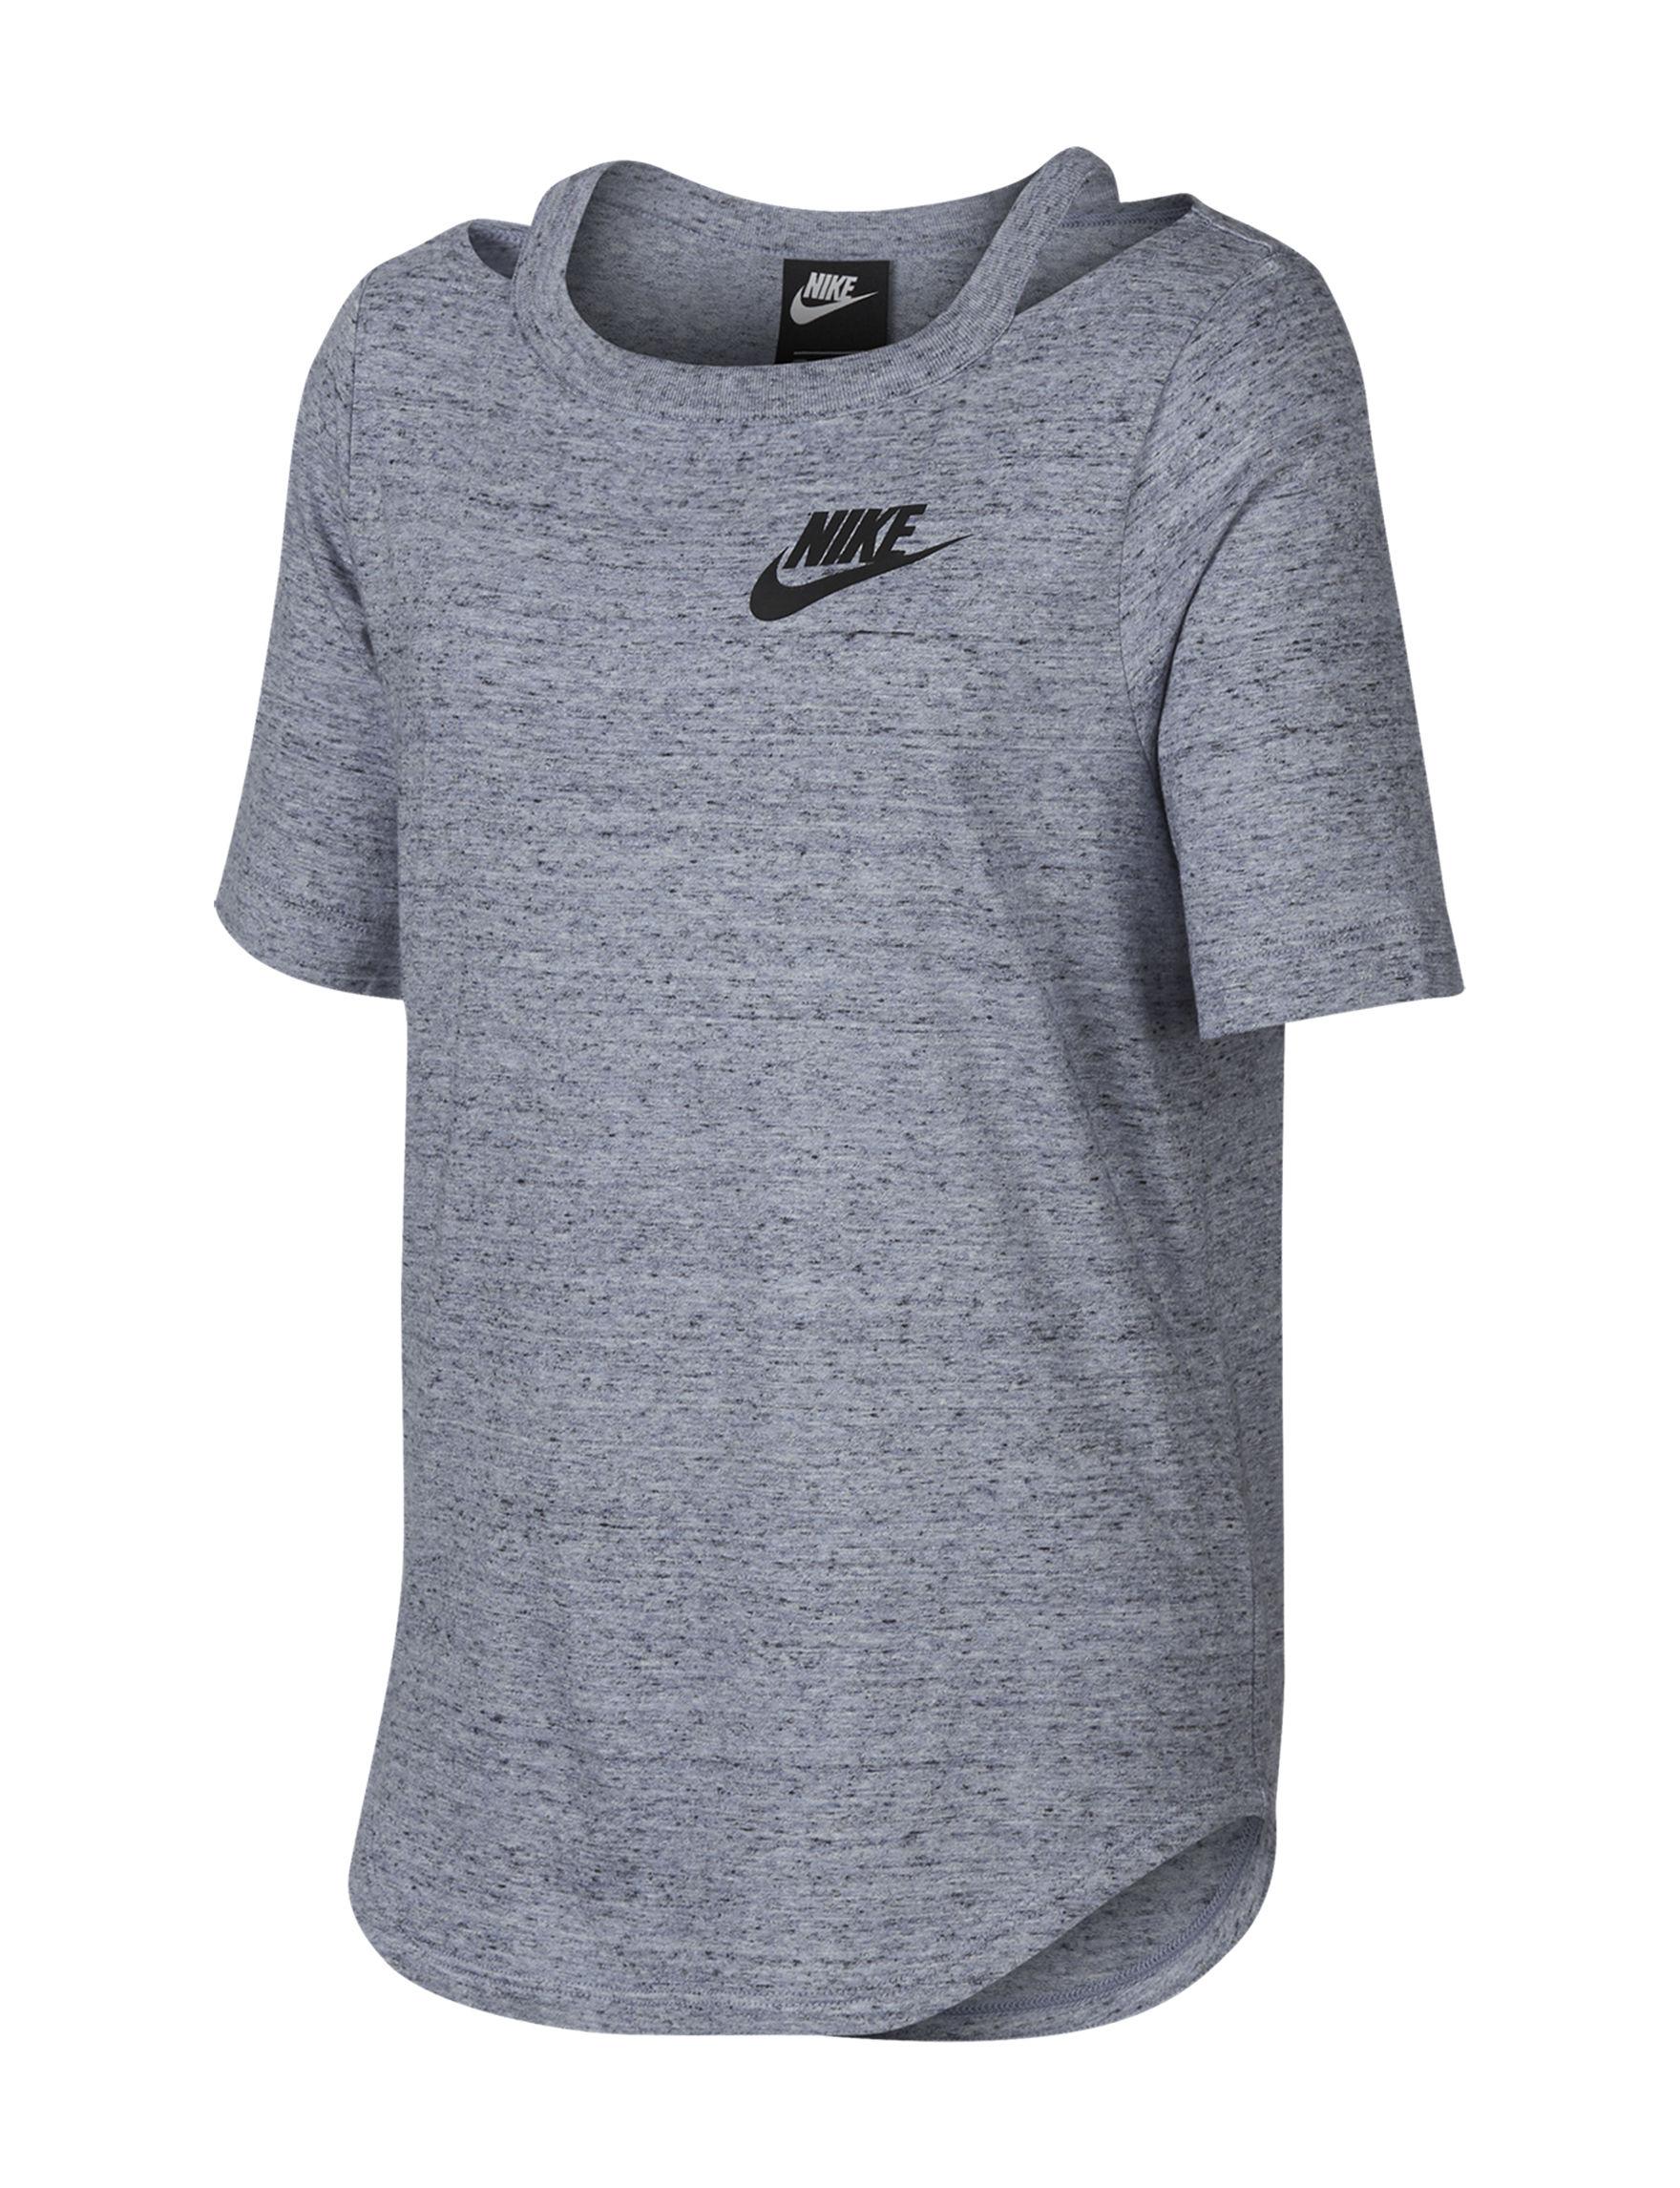 Nike Slate Tees & Tanks